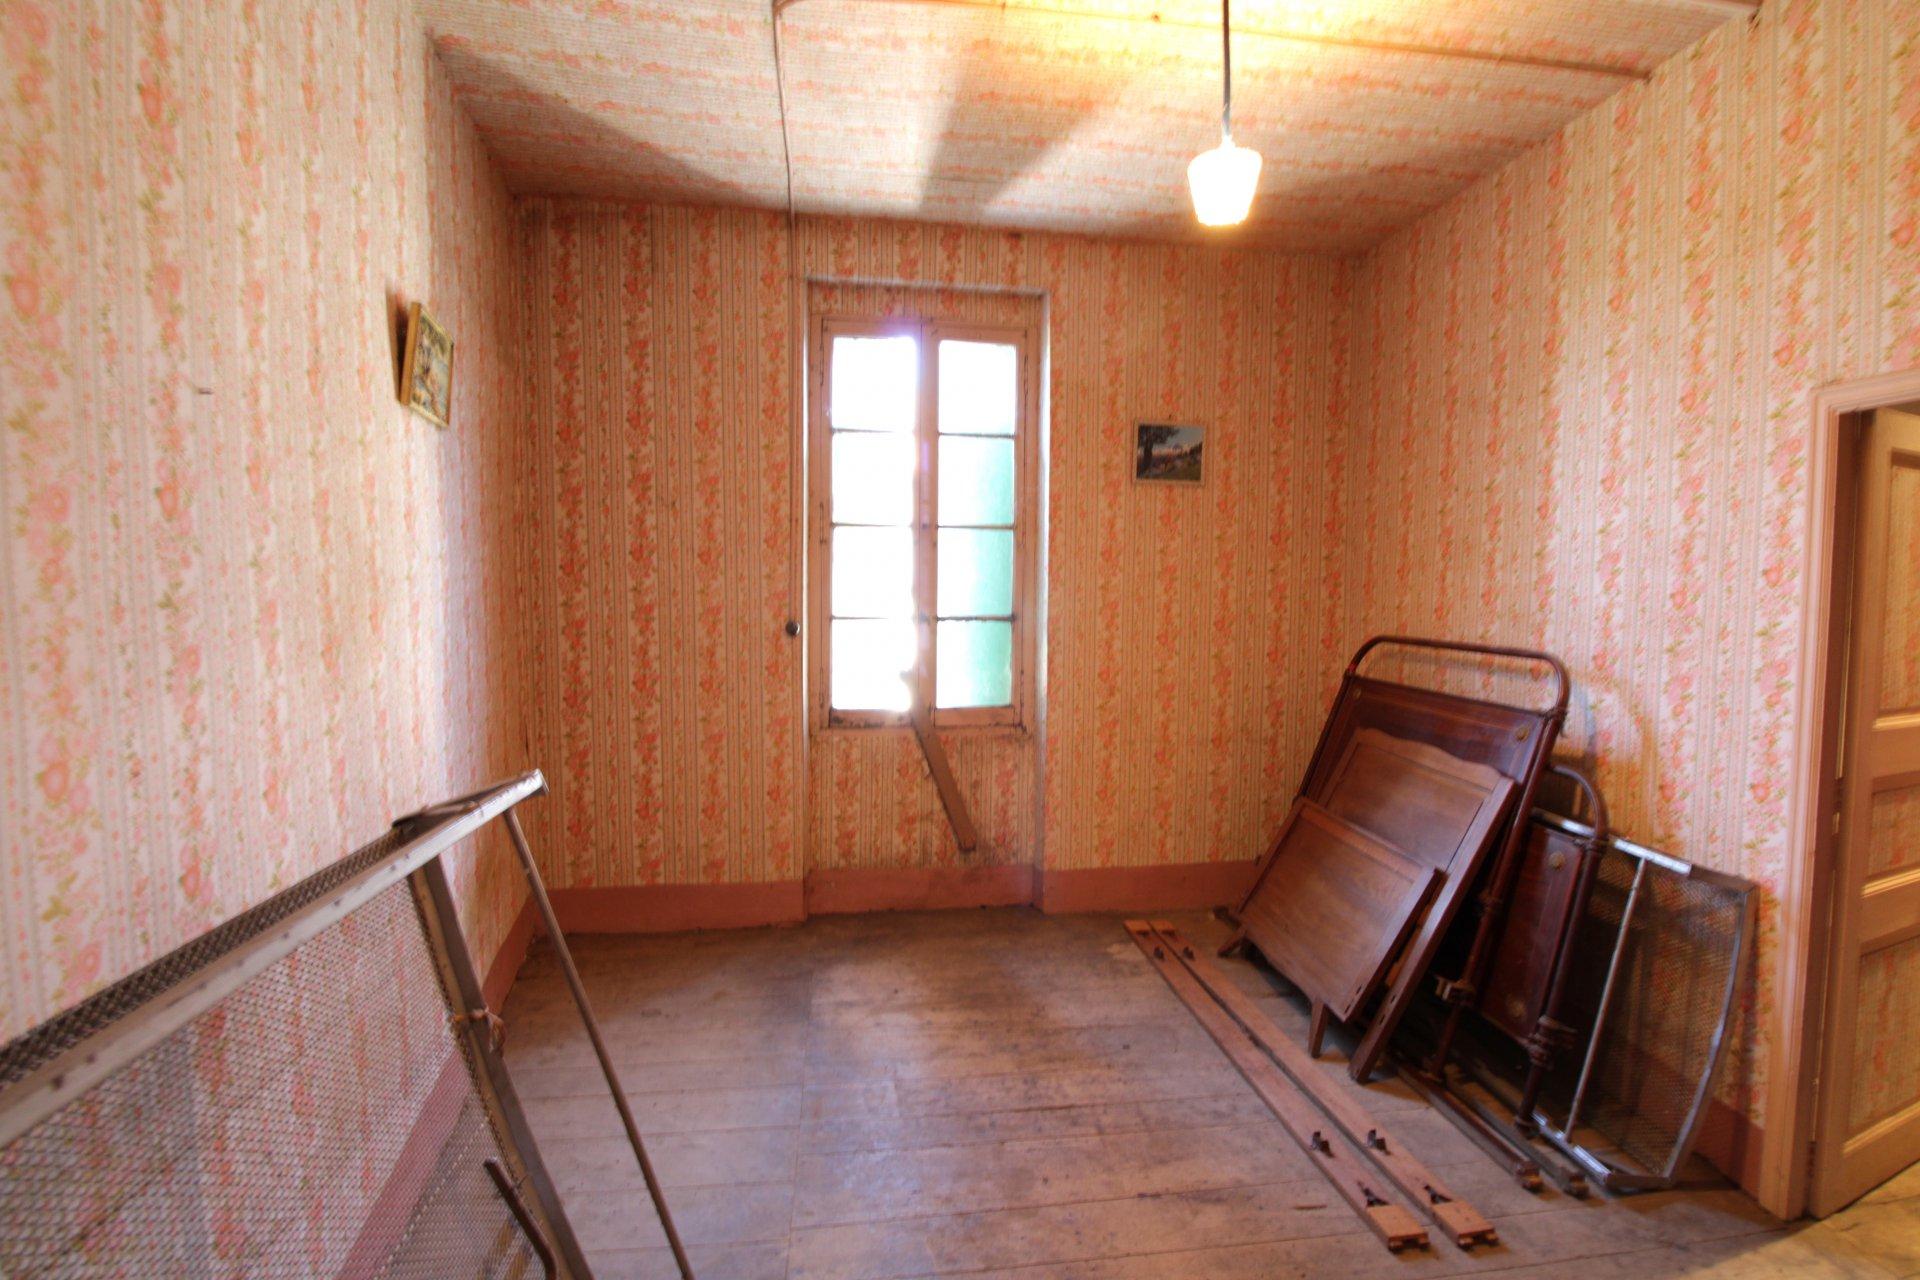 Saint-Jean de Rives - Maison de village T4 90m2 en pierre à restaurer à 25 minutes de Toulouse